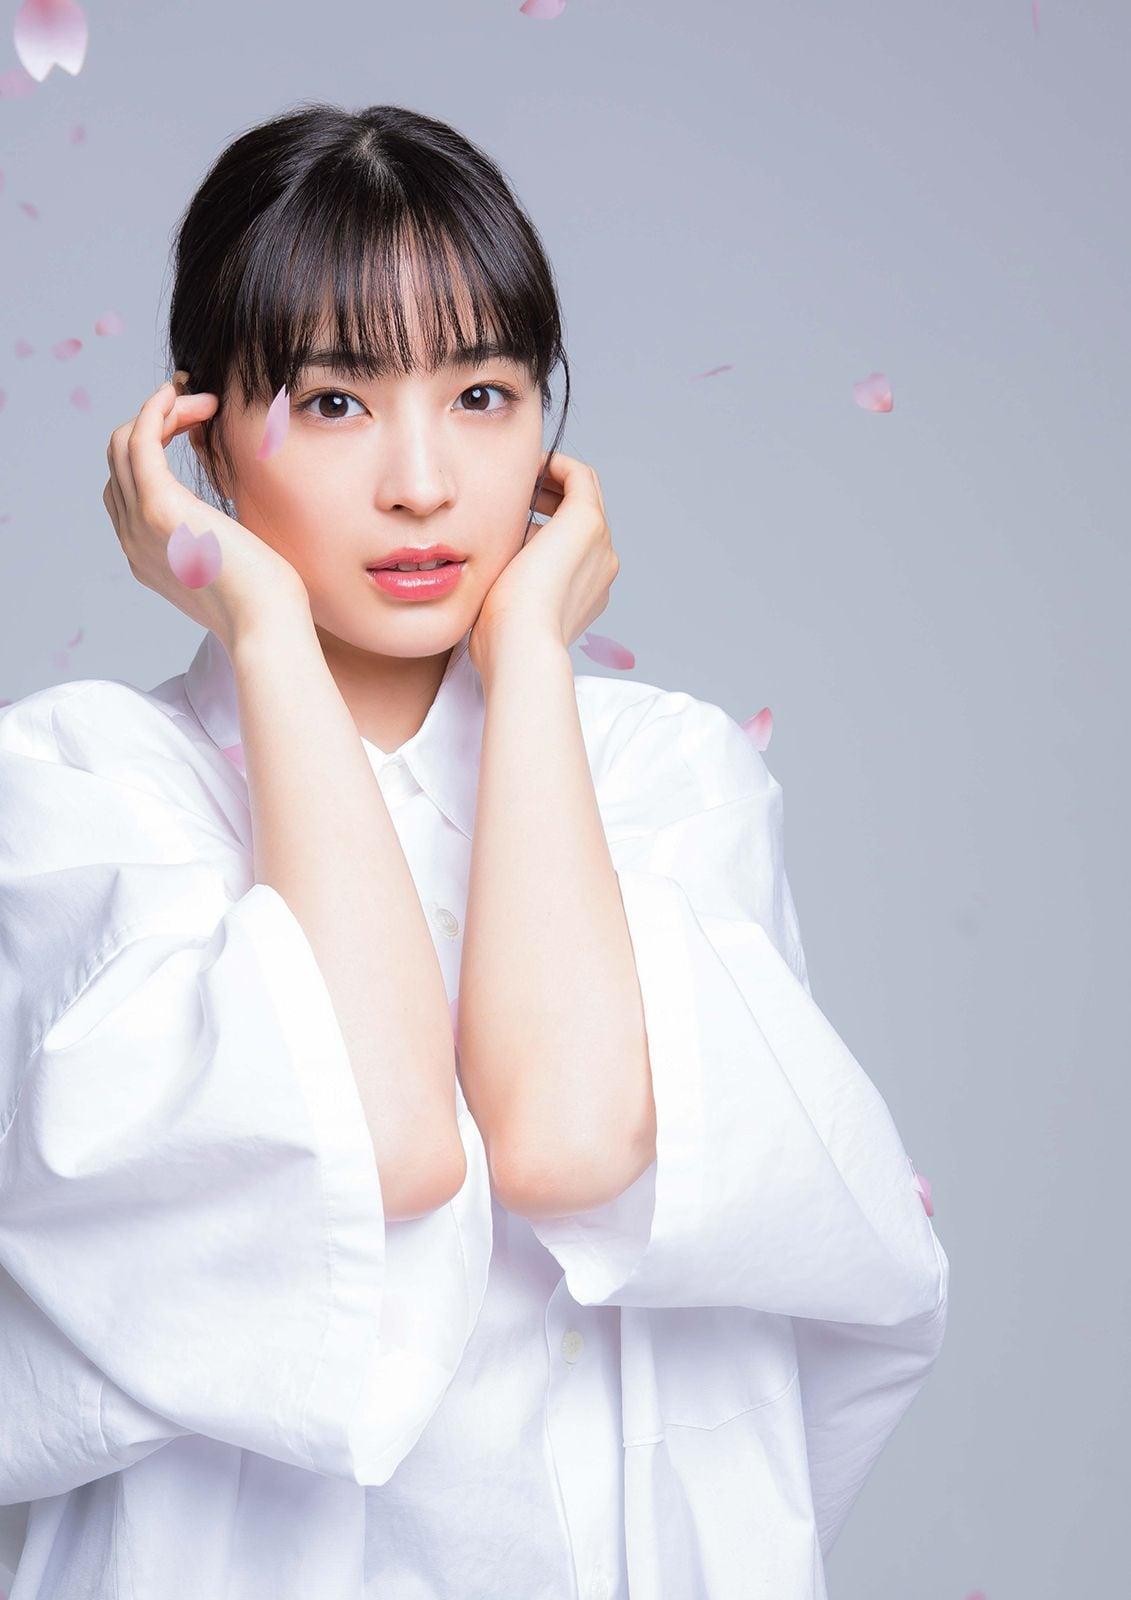 付録:広瀬すずB3ポスター表/撮影:松井伴実